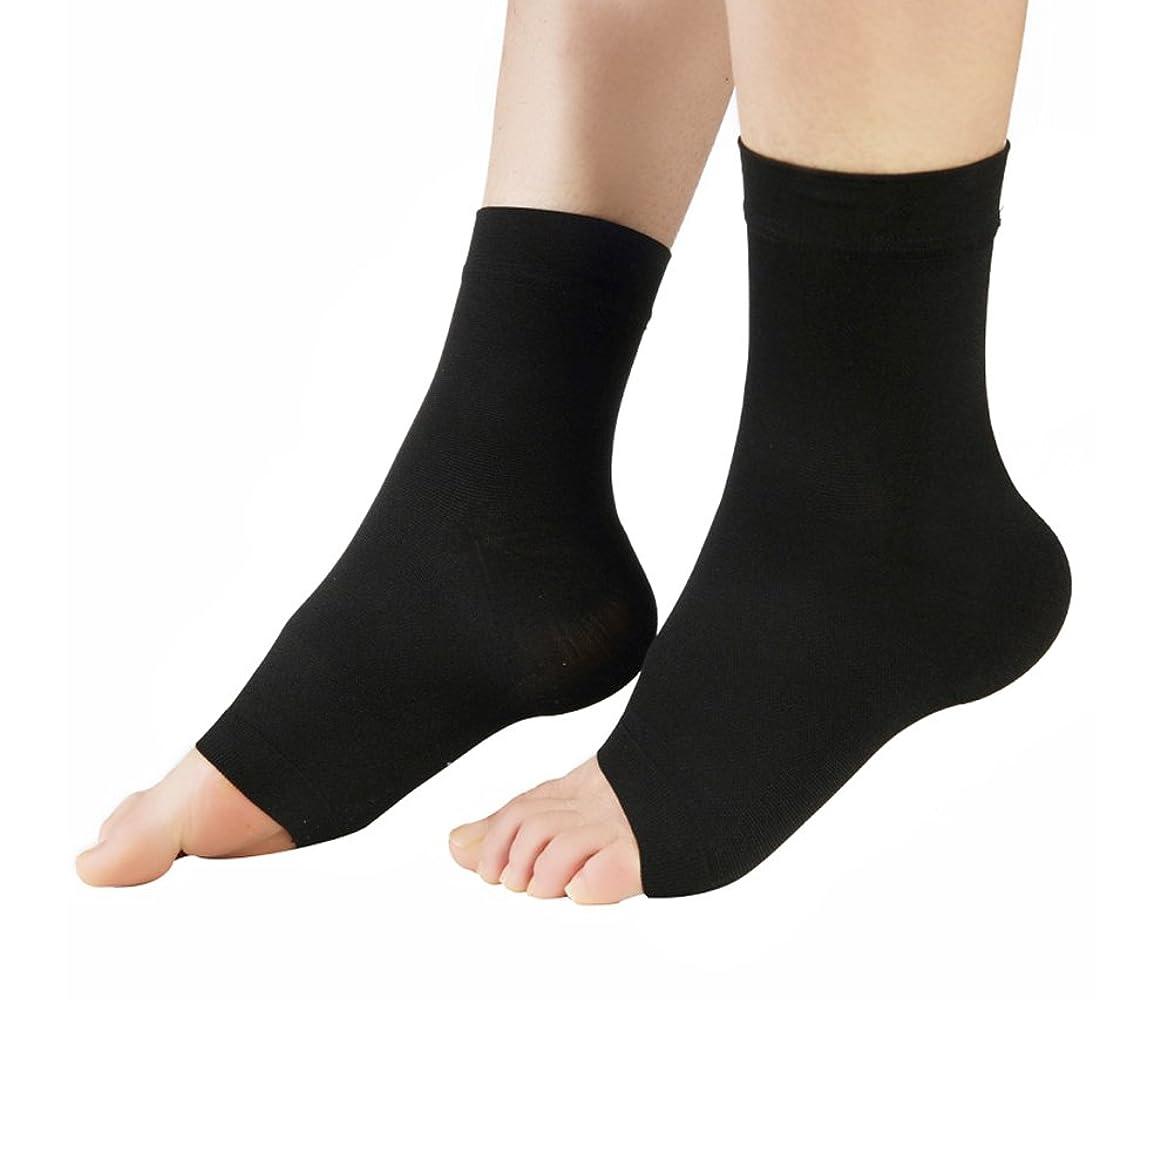 ほのか道方法論MEJORMEN 着圧ソックス ショート靴下 足首を保護?美脚ケア?足の疲れ/むくみ解消 段階式圧力設計(30-40mmHg) 弾性クルーソックス 1足 男女兼用 ブラック?ベージュ S~XXL